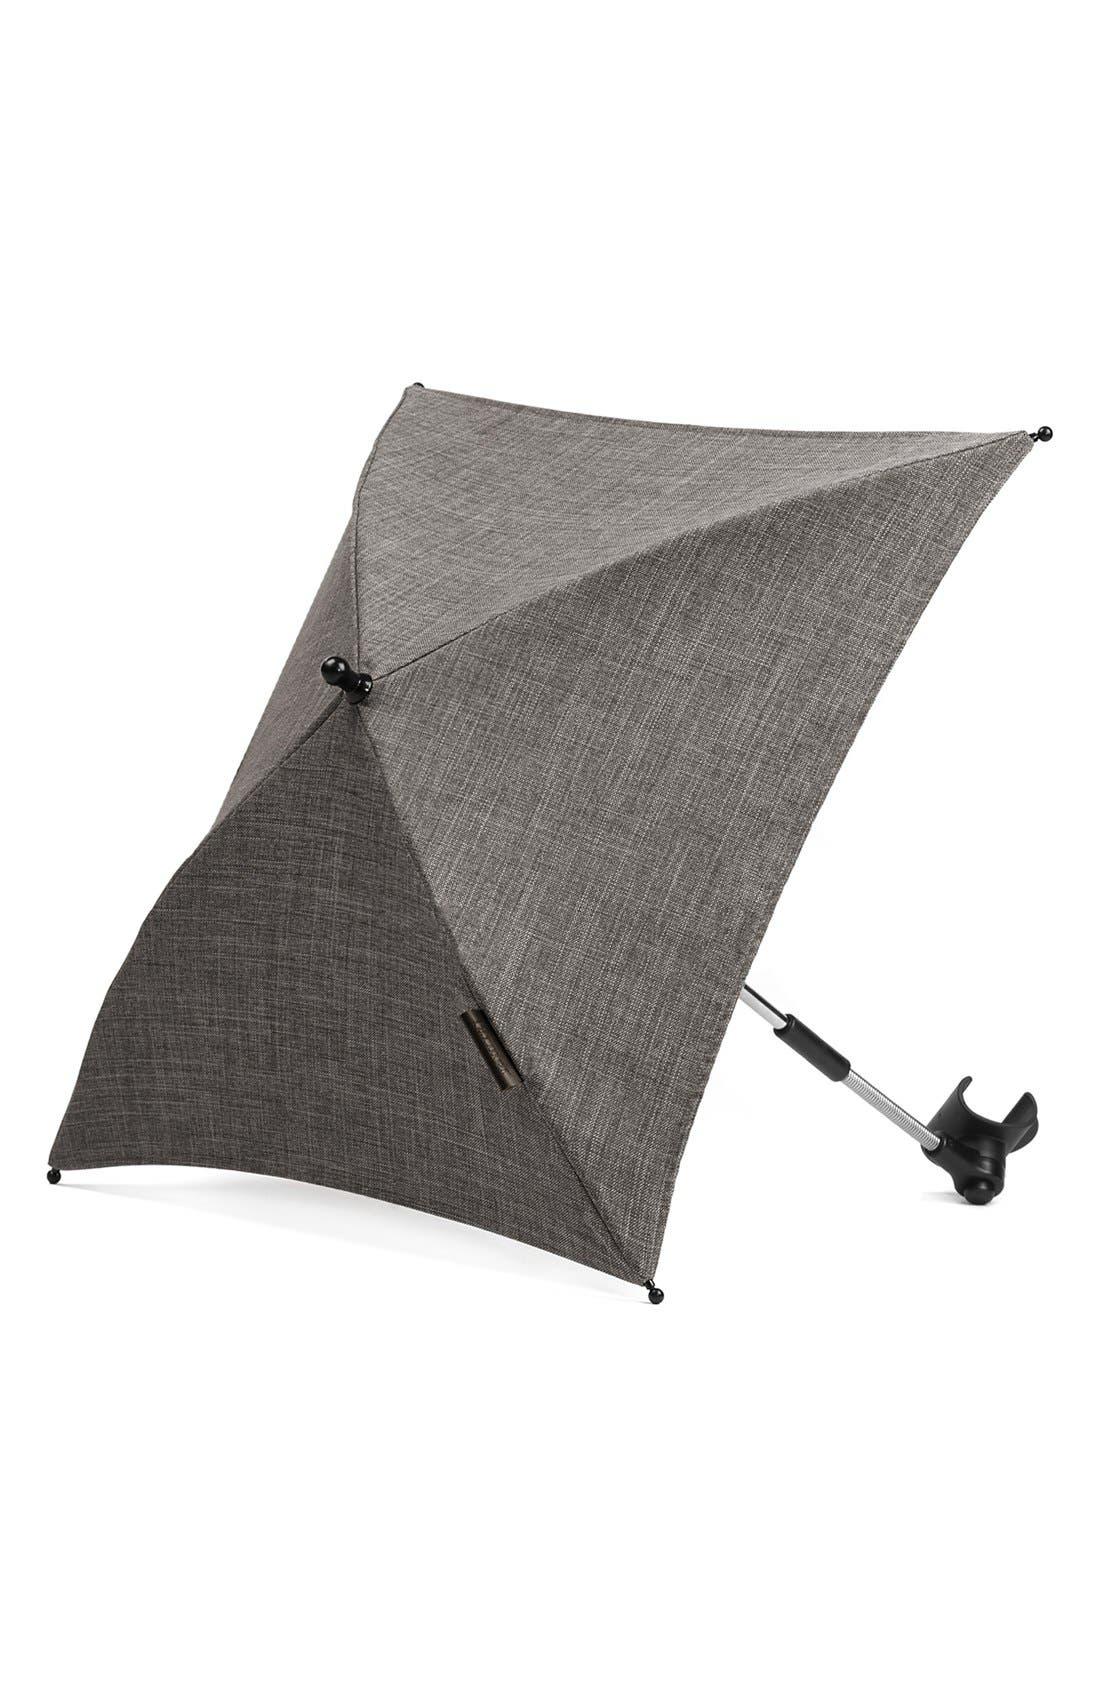 'Igo - Farmer Earth' Stroller Umbrella,                         Main,                         color, Brown